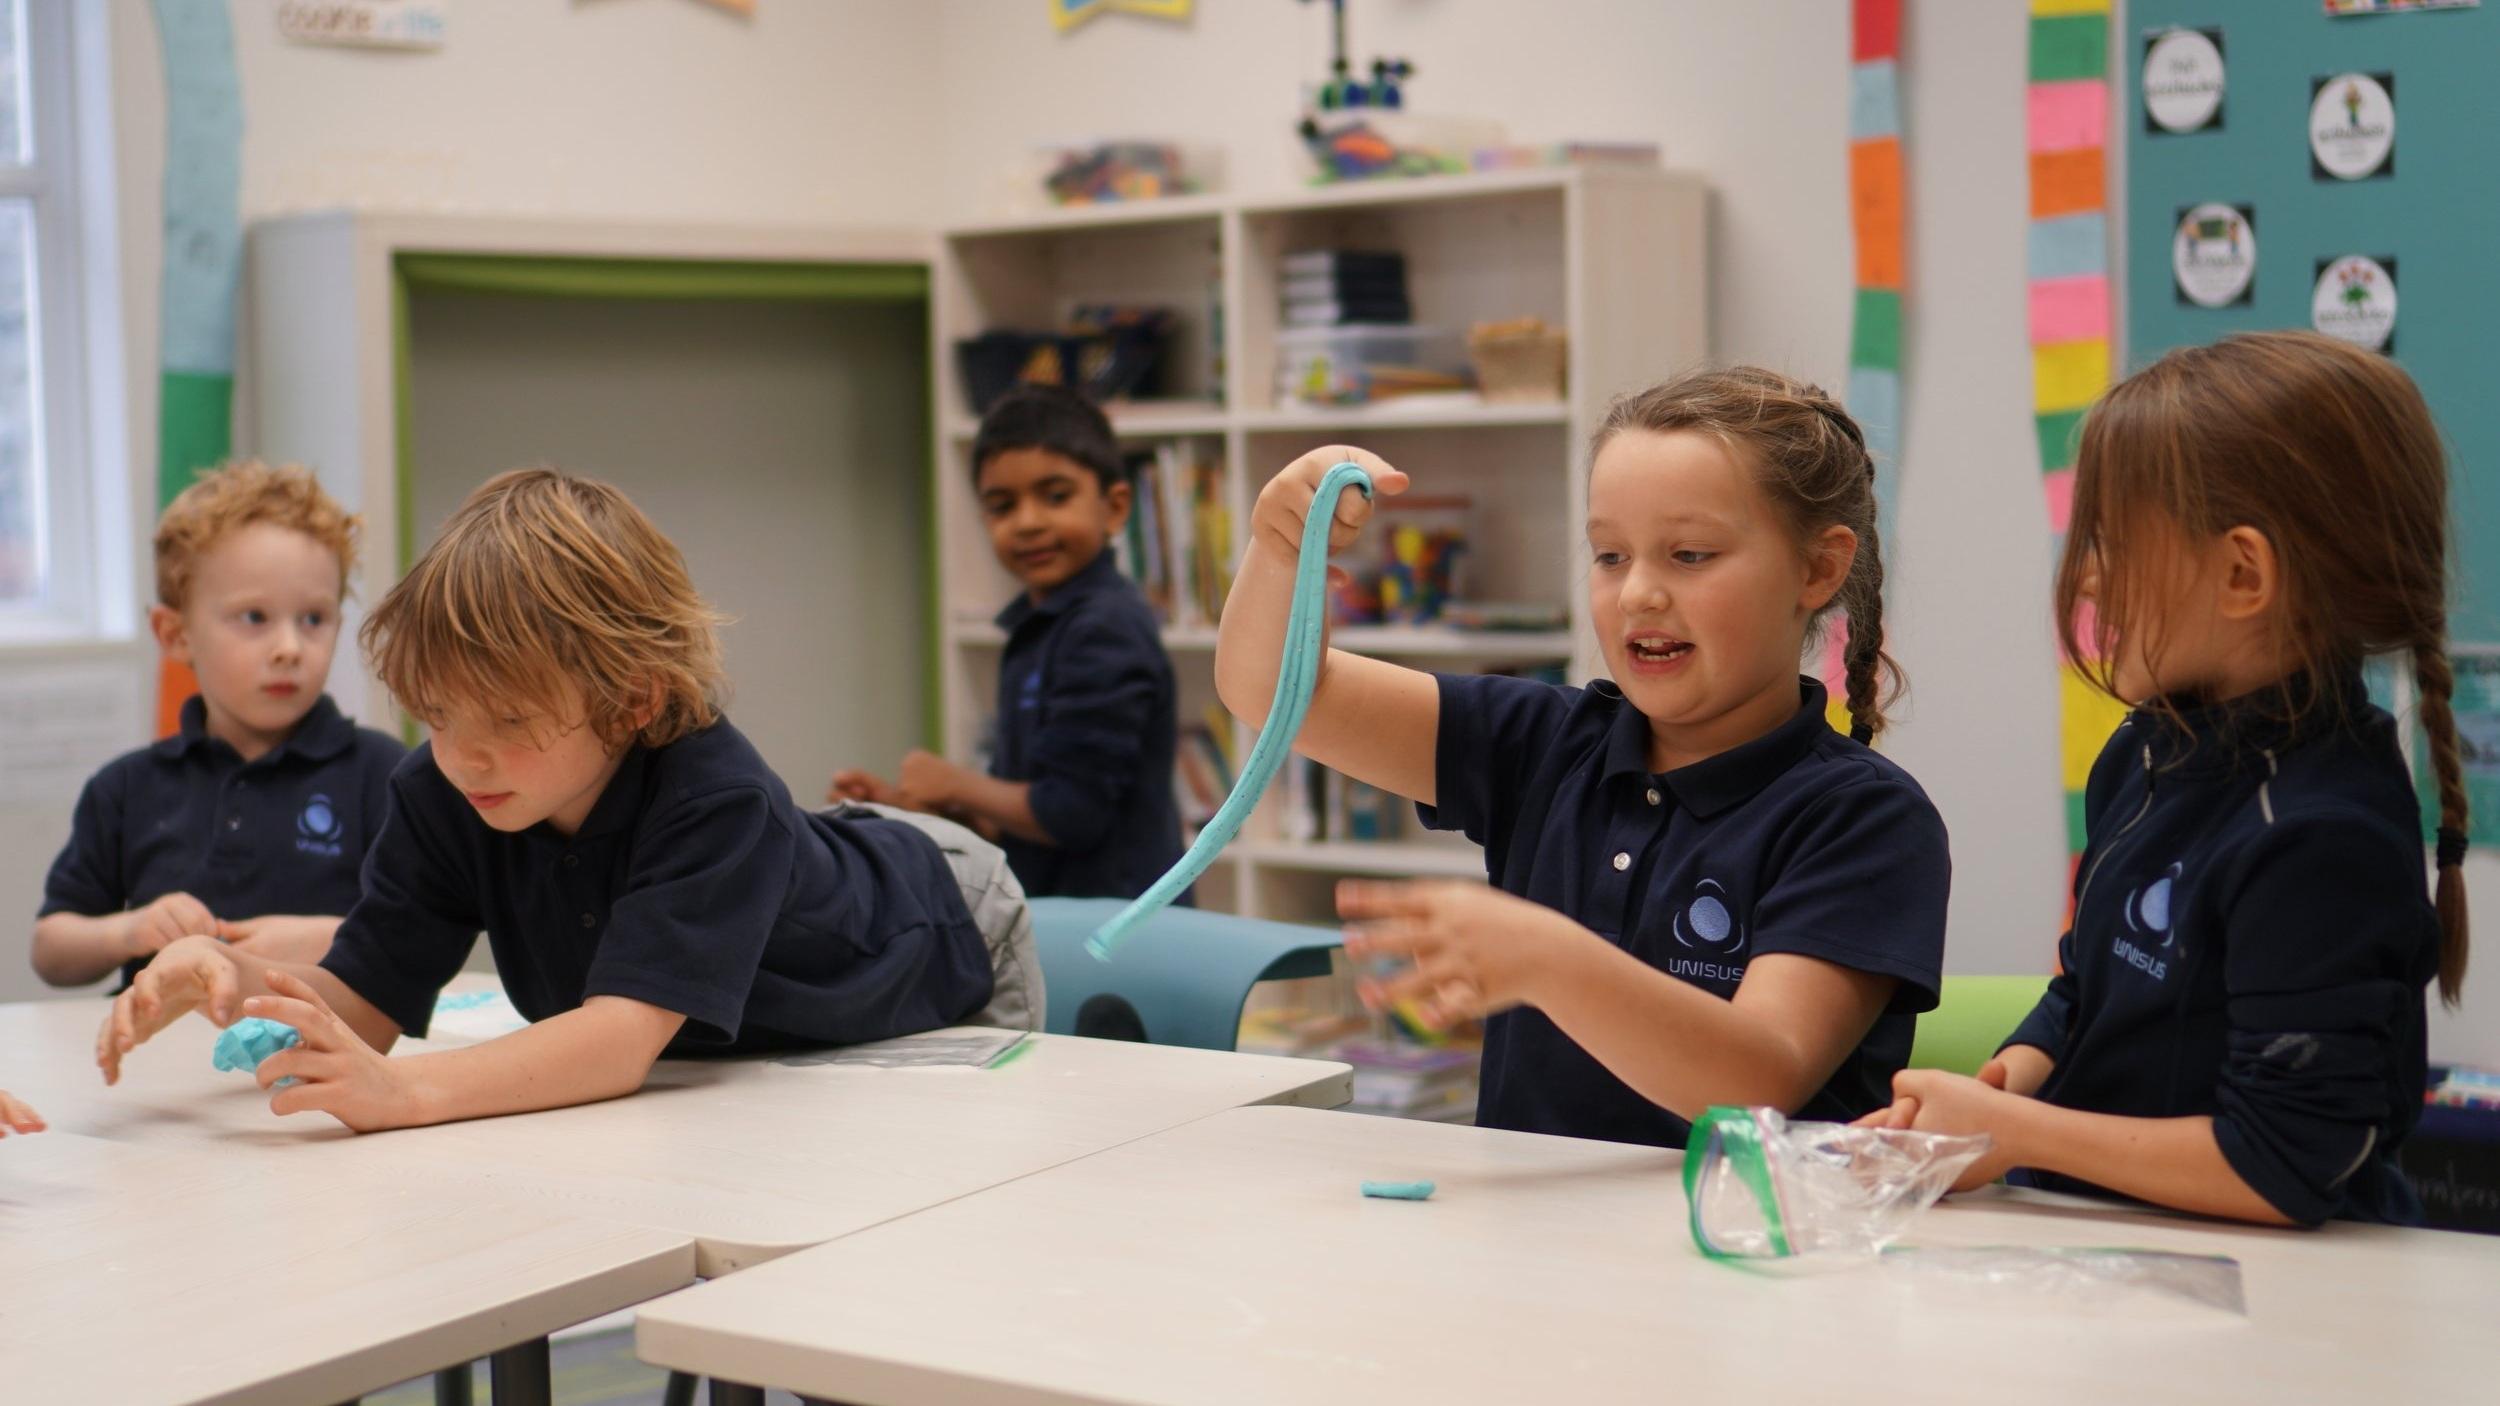 junior school - Pre-School to Grade 7